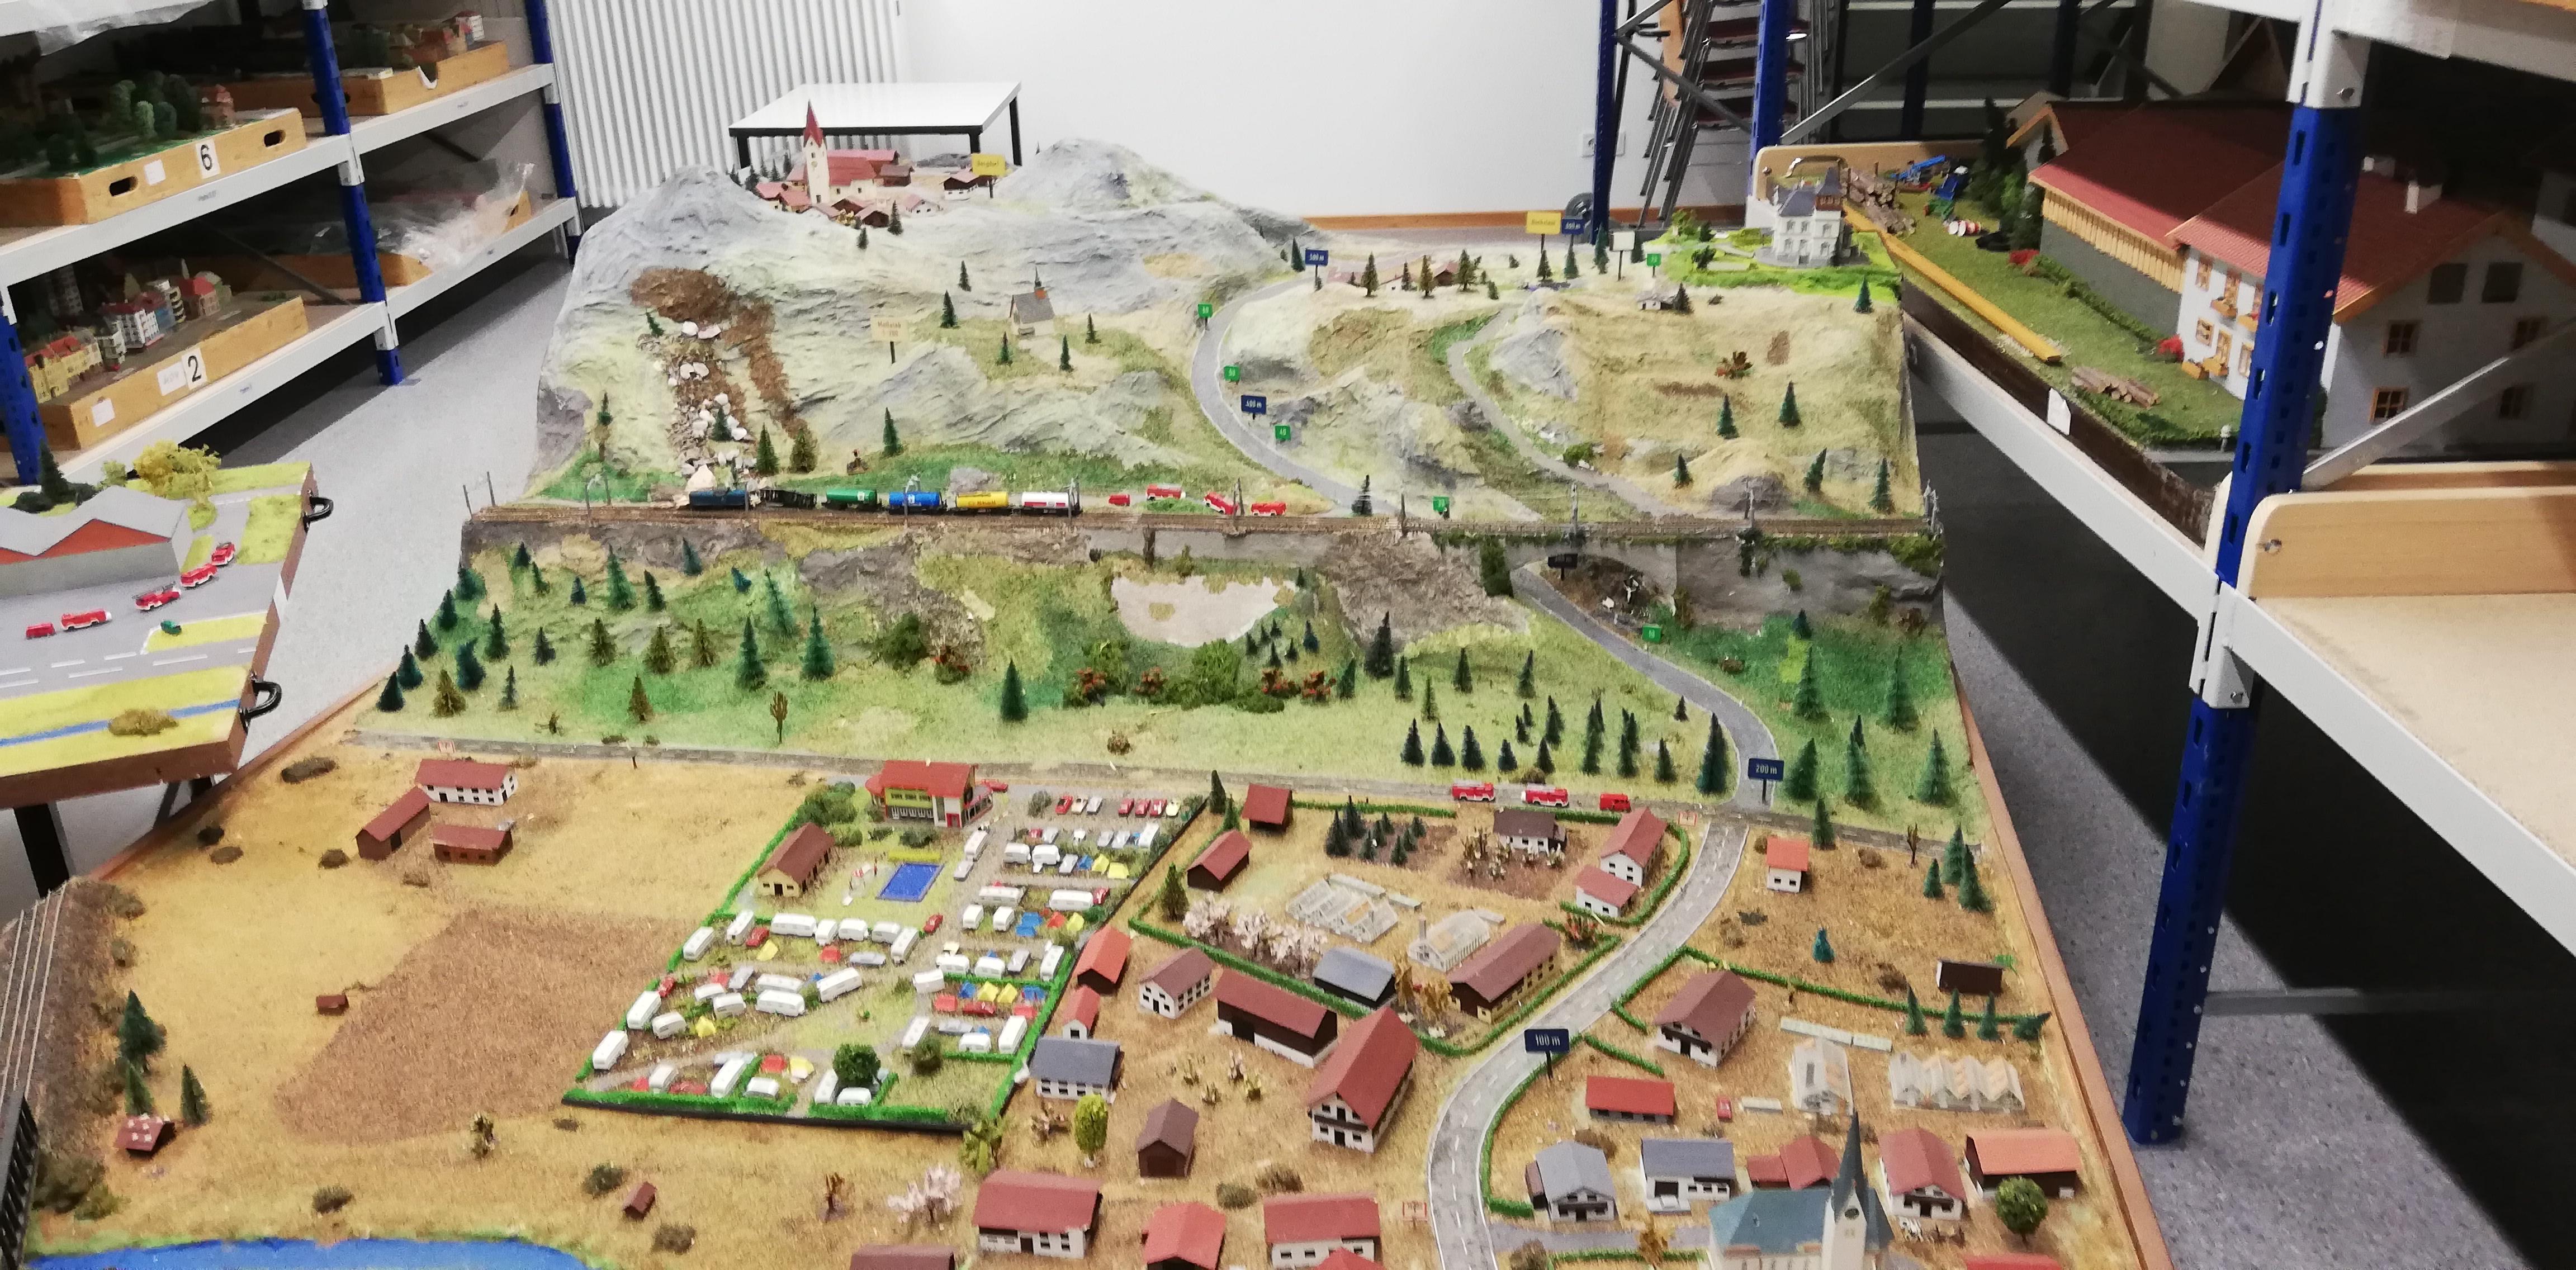 Feuerwehrschule Regensburg - Planspiel